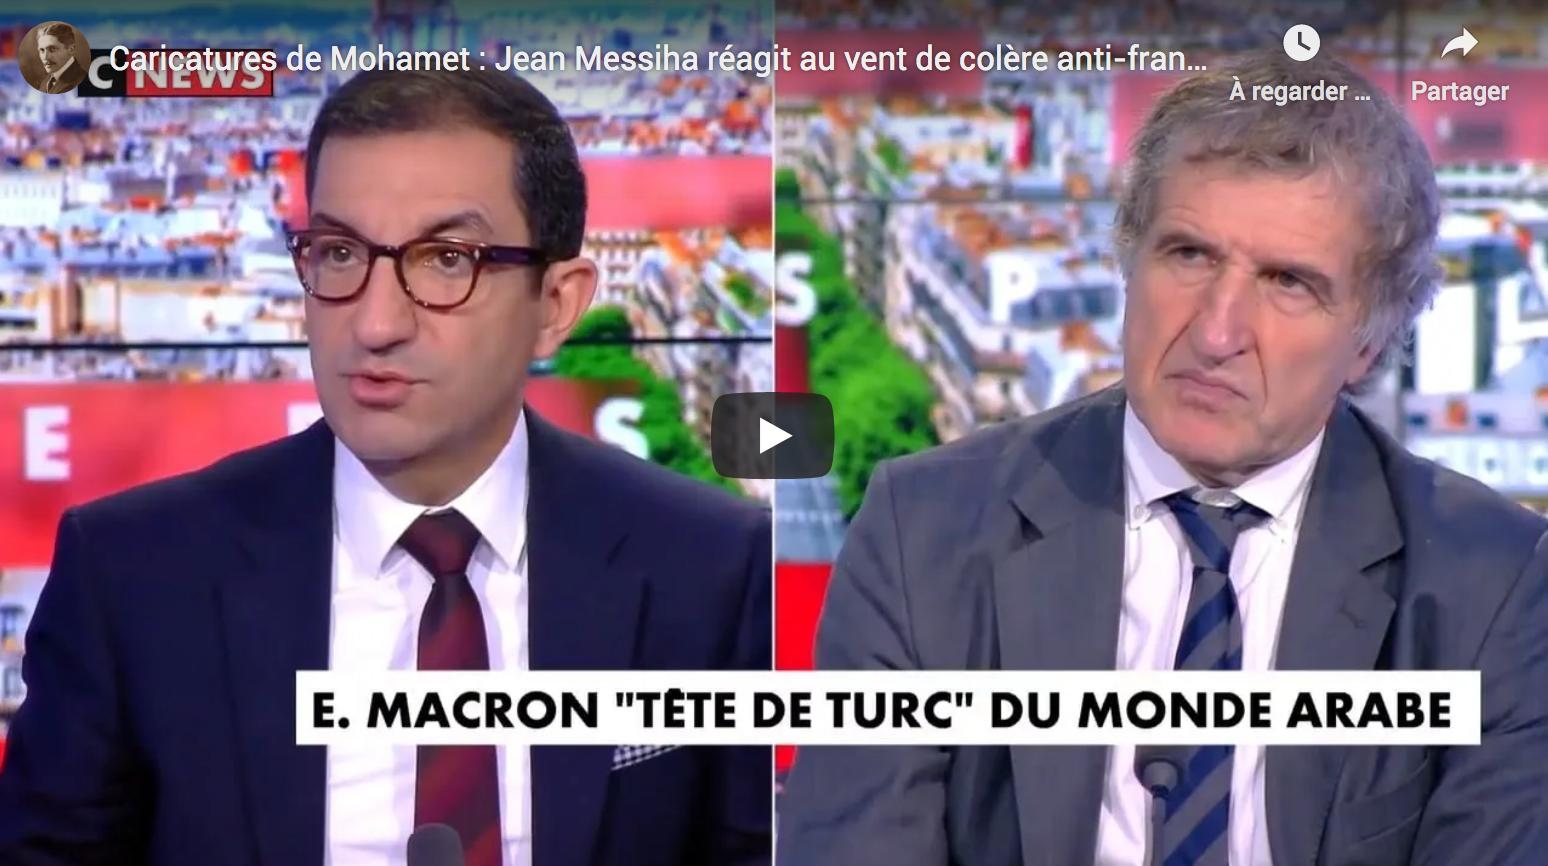 Caricatures de Mohamet : Jean Messiha réagit au vent de colère anti-français dans le monde musulman (VIDÉO)